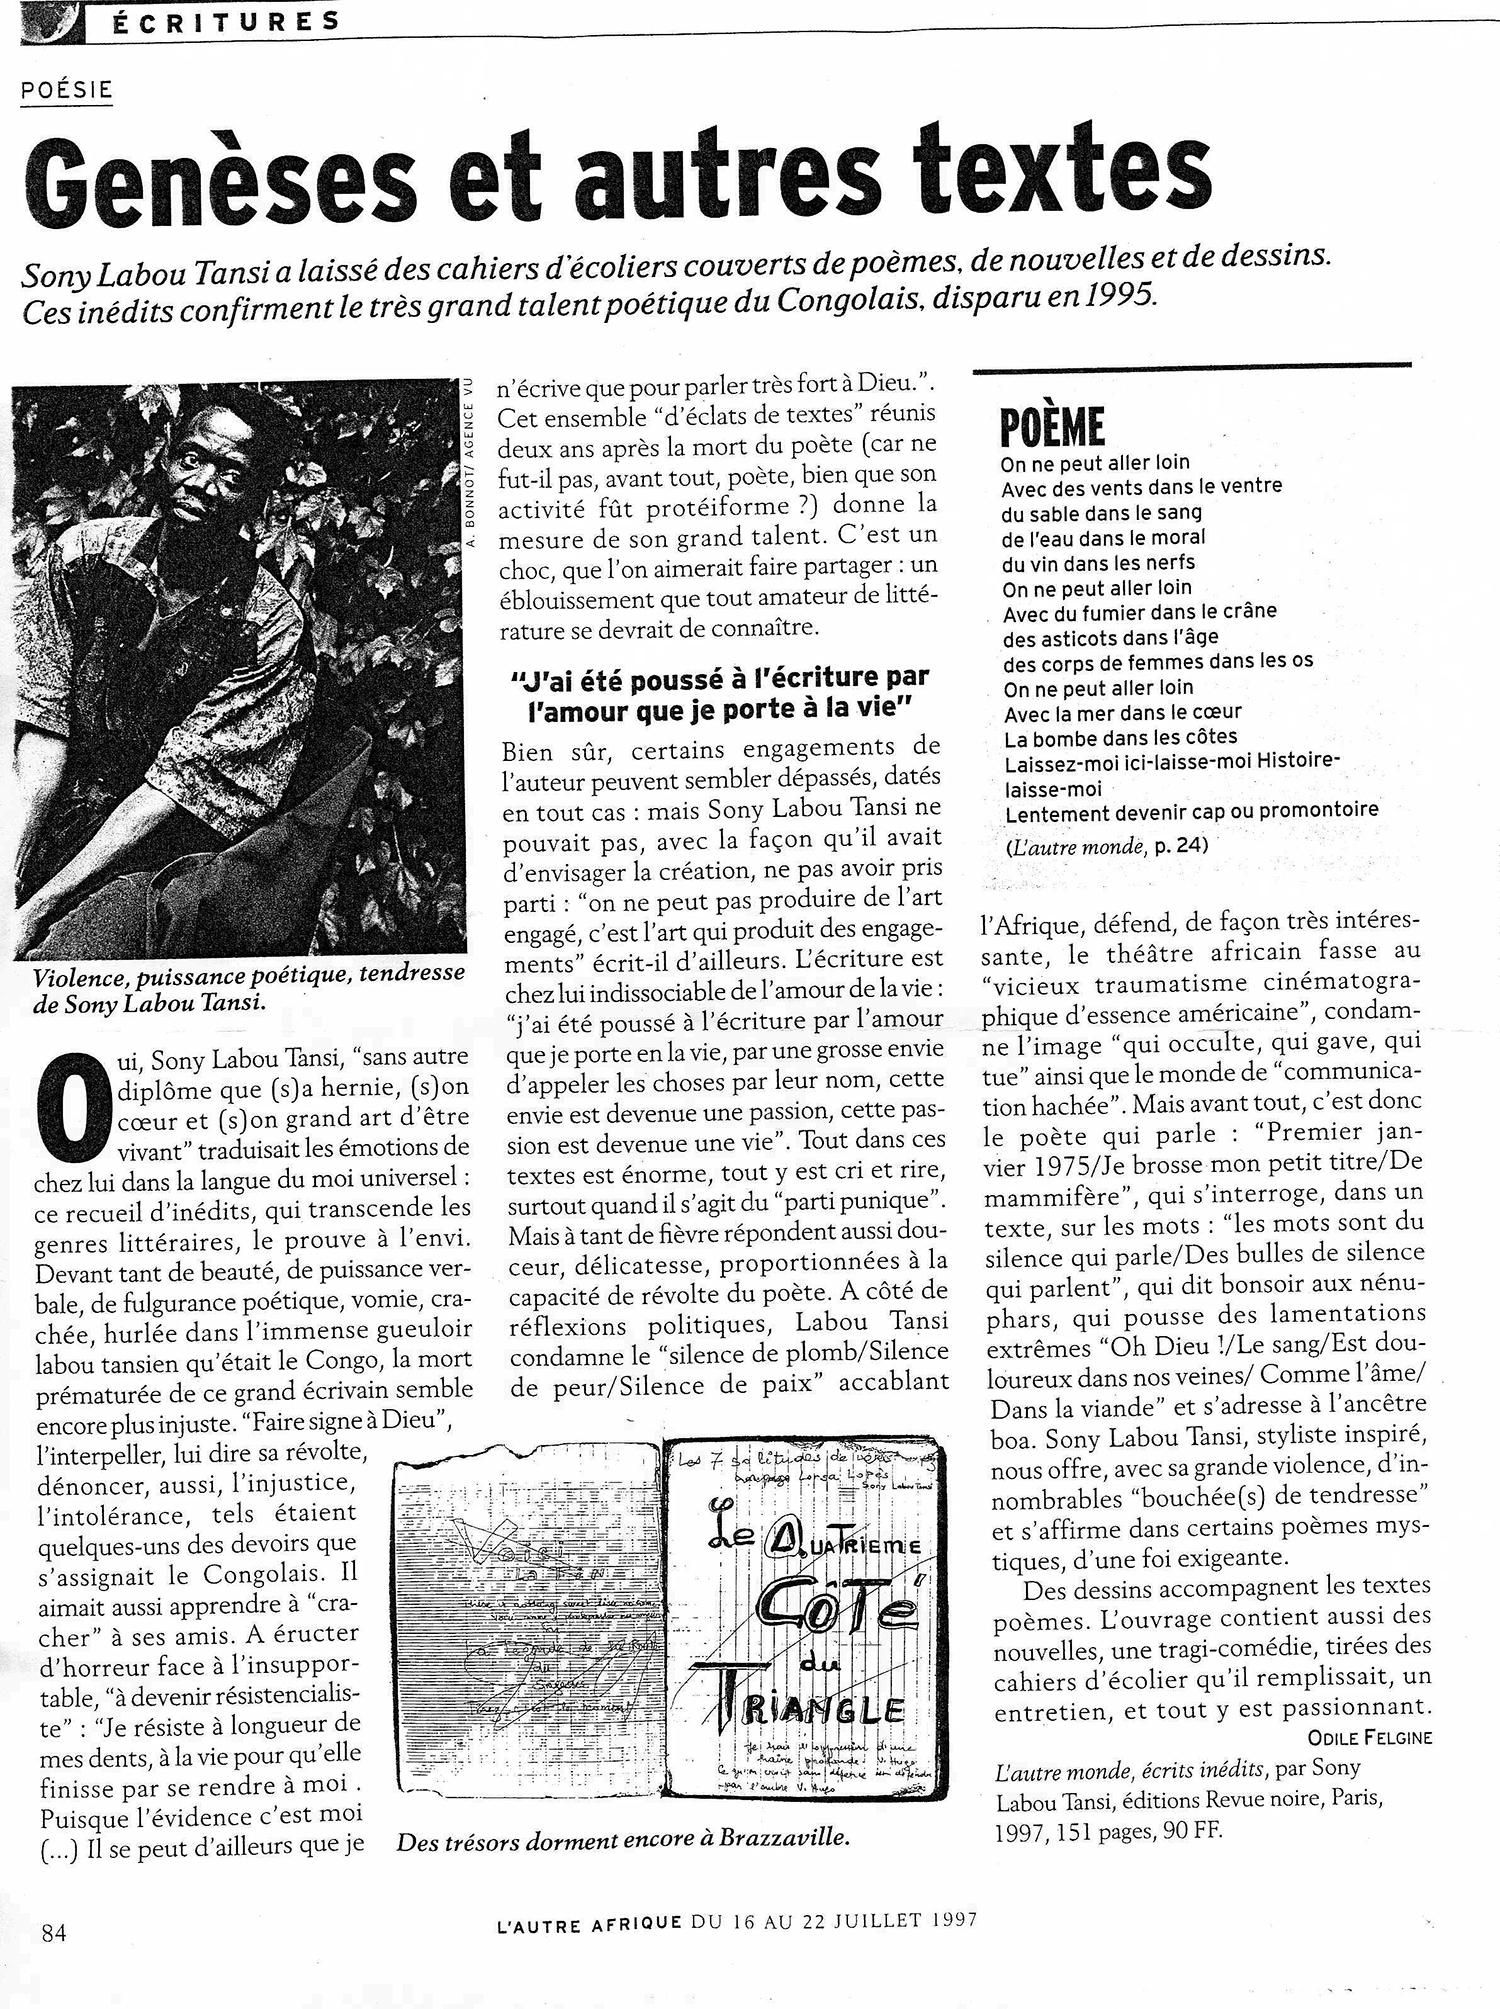 LAutreAfrique-Juil1997-SLTansi